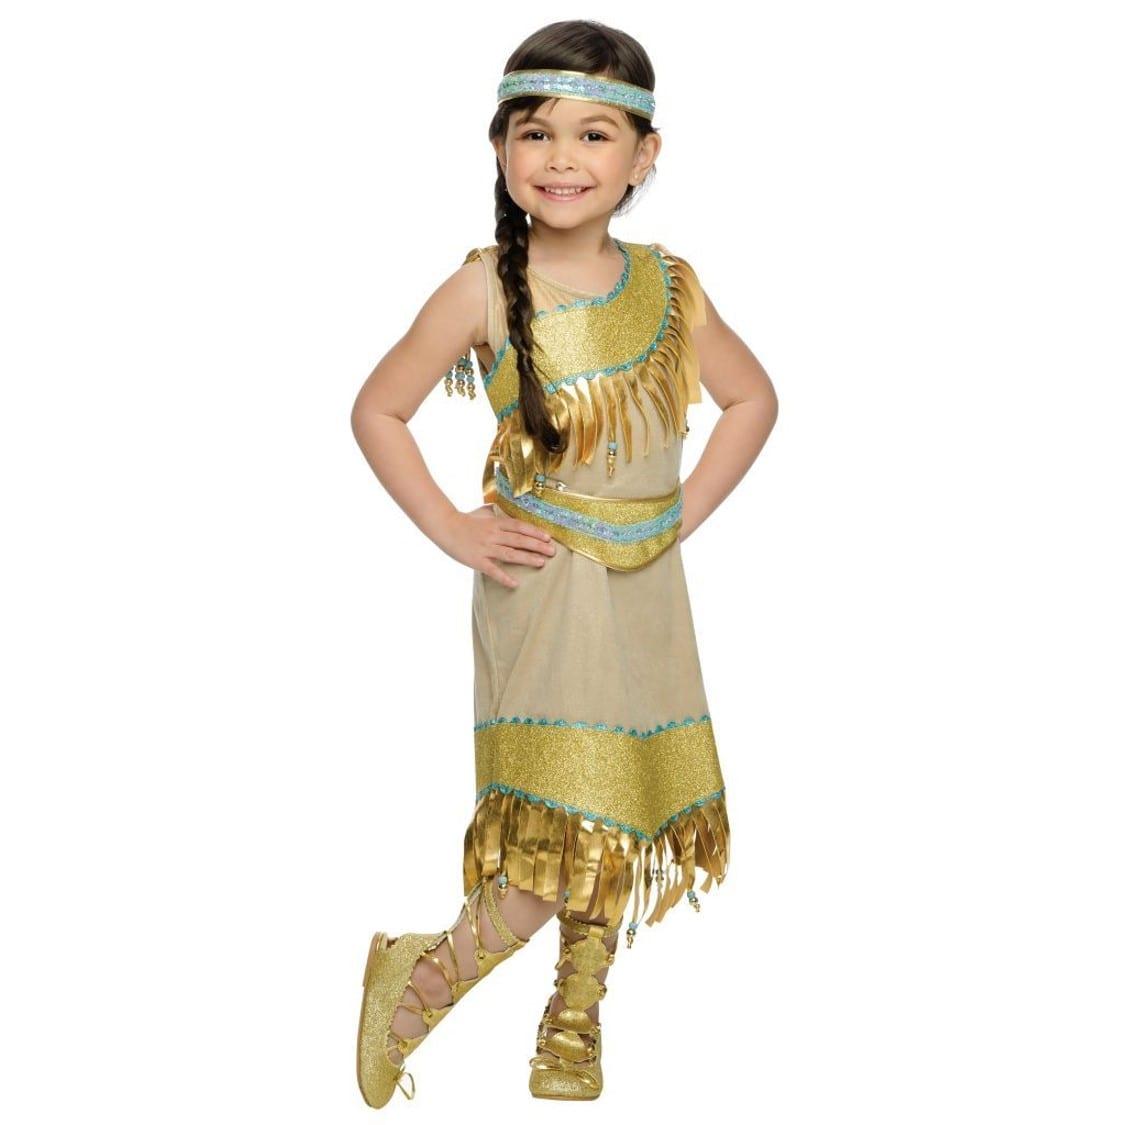 תחפושת נסיכה אינדיאנית מוזהבת לילדות – פורים רוביס